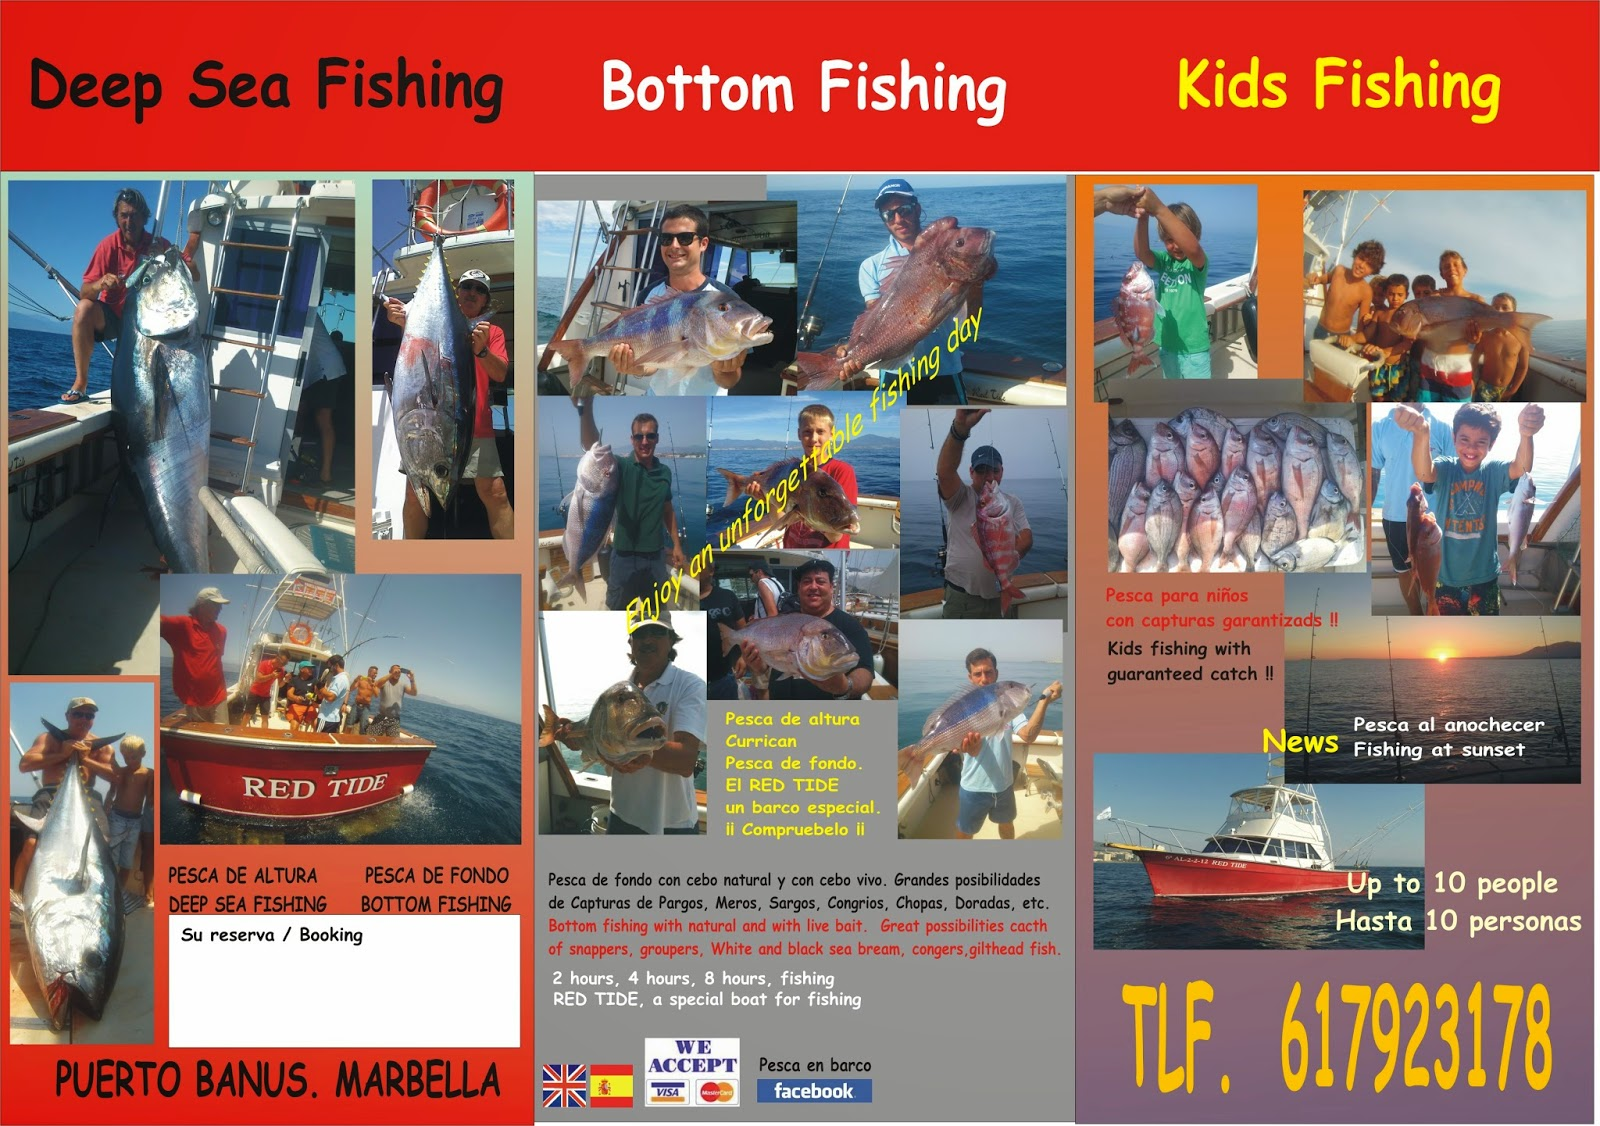 Atunes, bonitos, pargos, dentones.... Charter de pesca en Marbella.